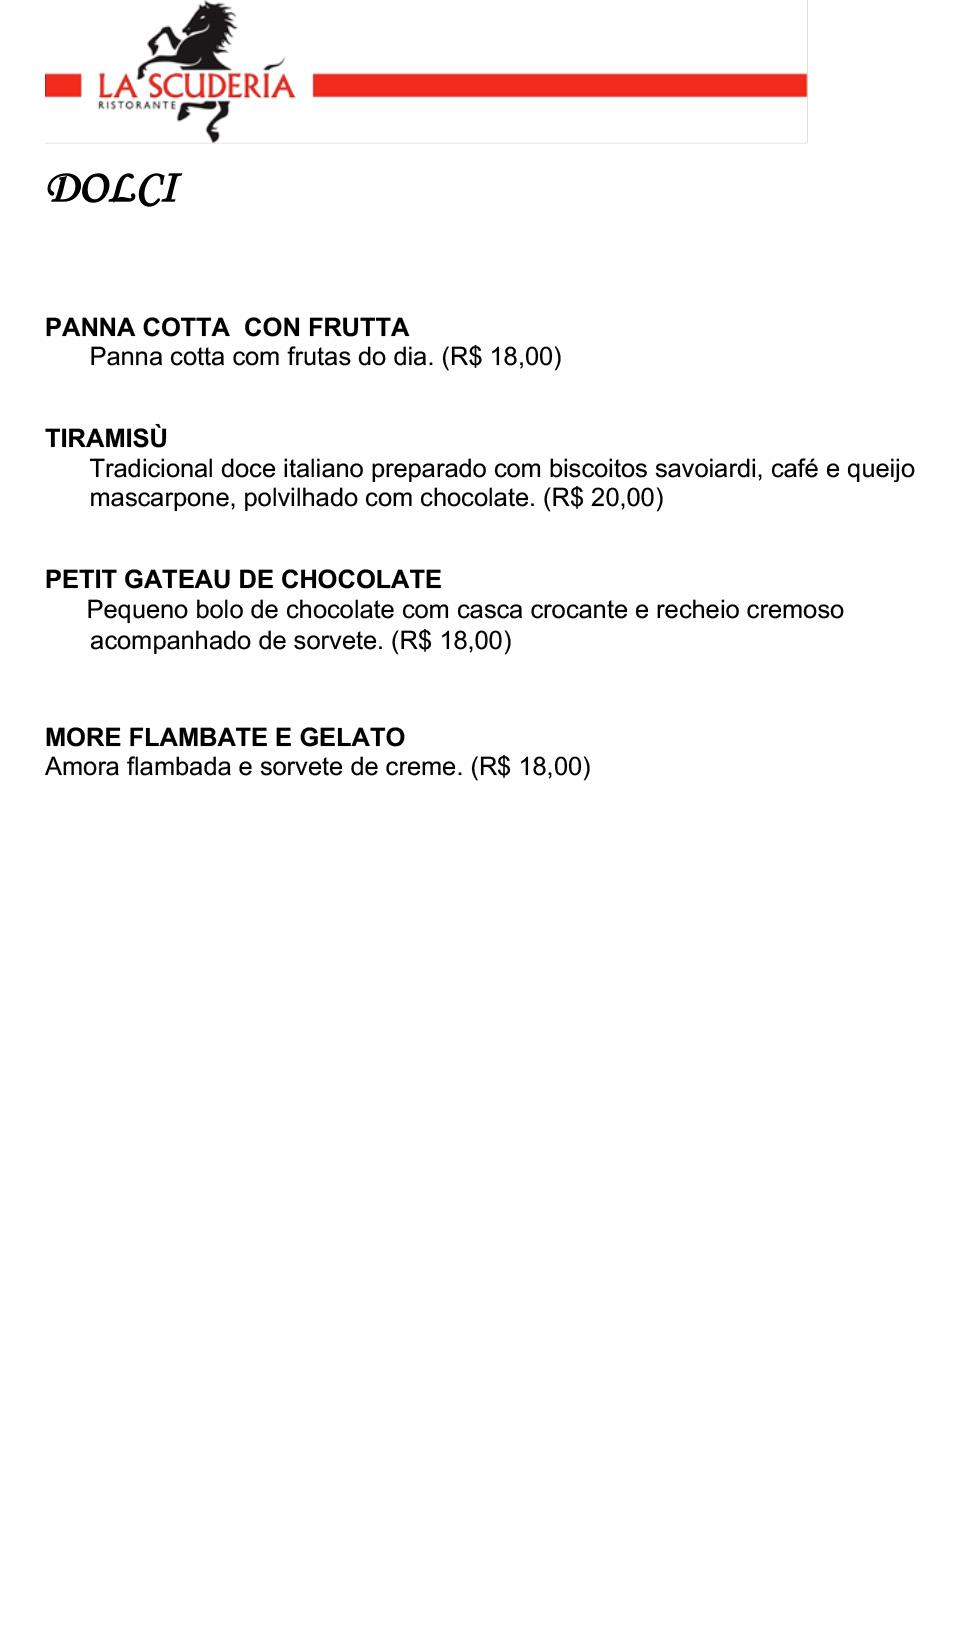 menu-lascuderia-6.jpg